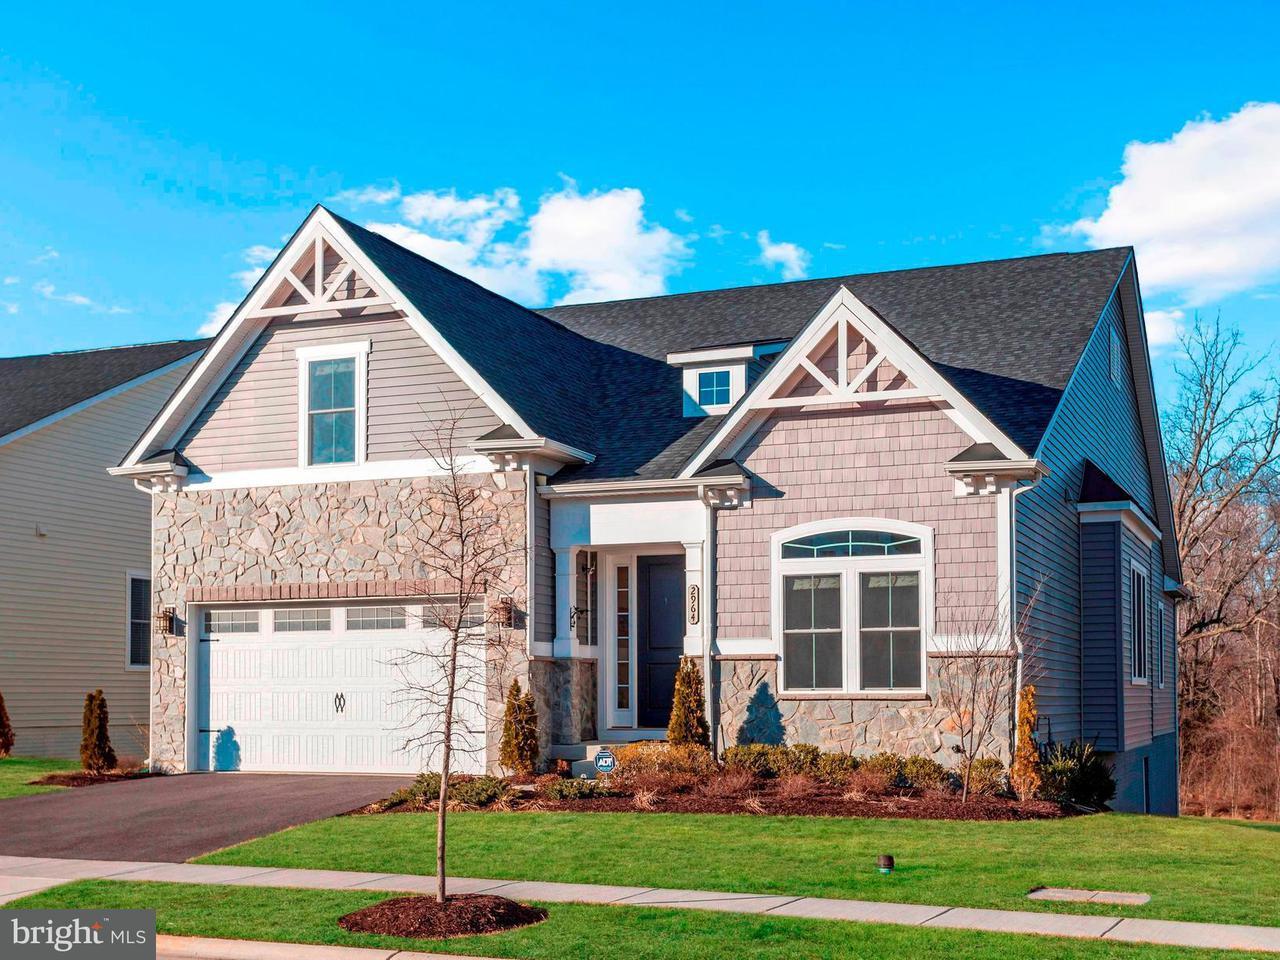 Μονοκατοικία για την Πώληση στο 2964 Levee Drive 2964 Levee Drive Odenton, Μεριλαντ 21113 Ηνωμενεσ Πολιτειεσ